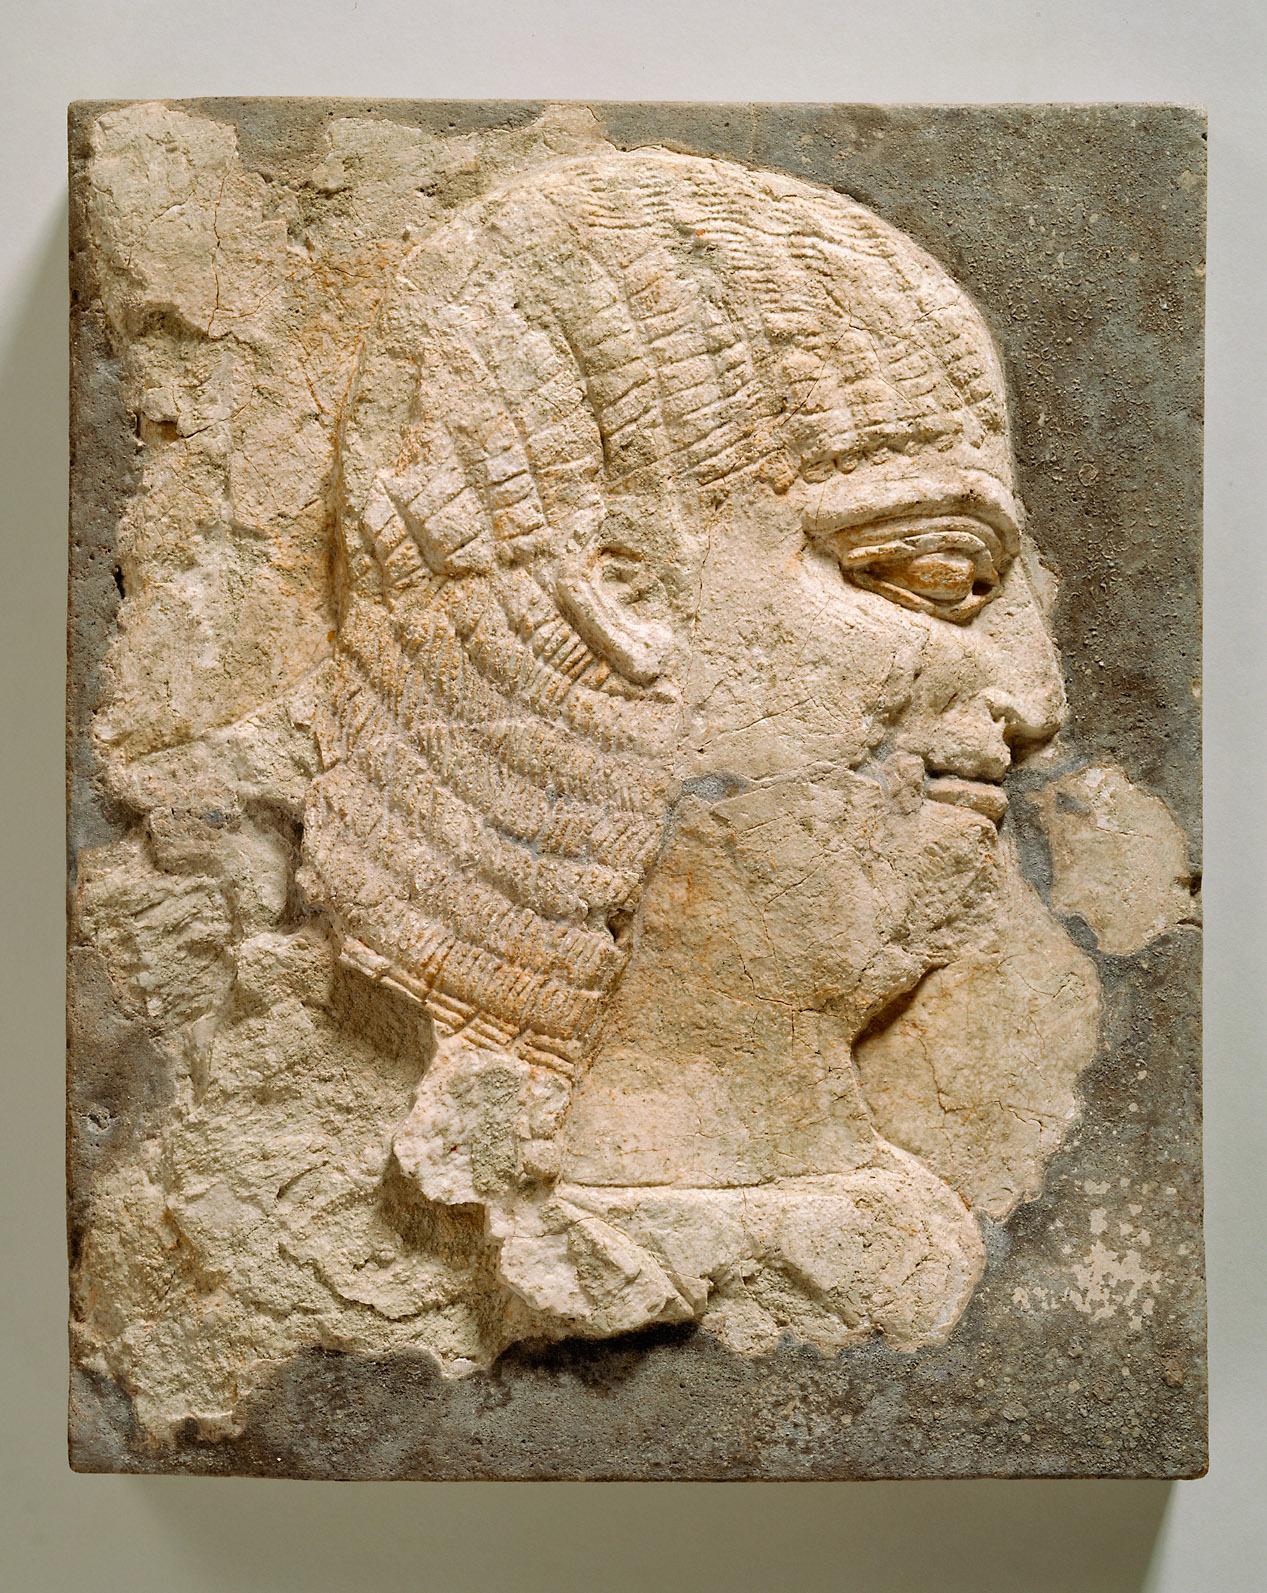 Relieffragment mit dem Kopf eines jungen Mannes